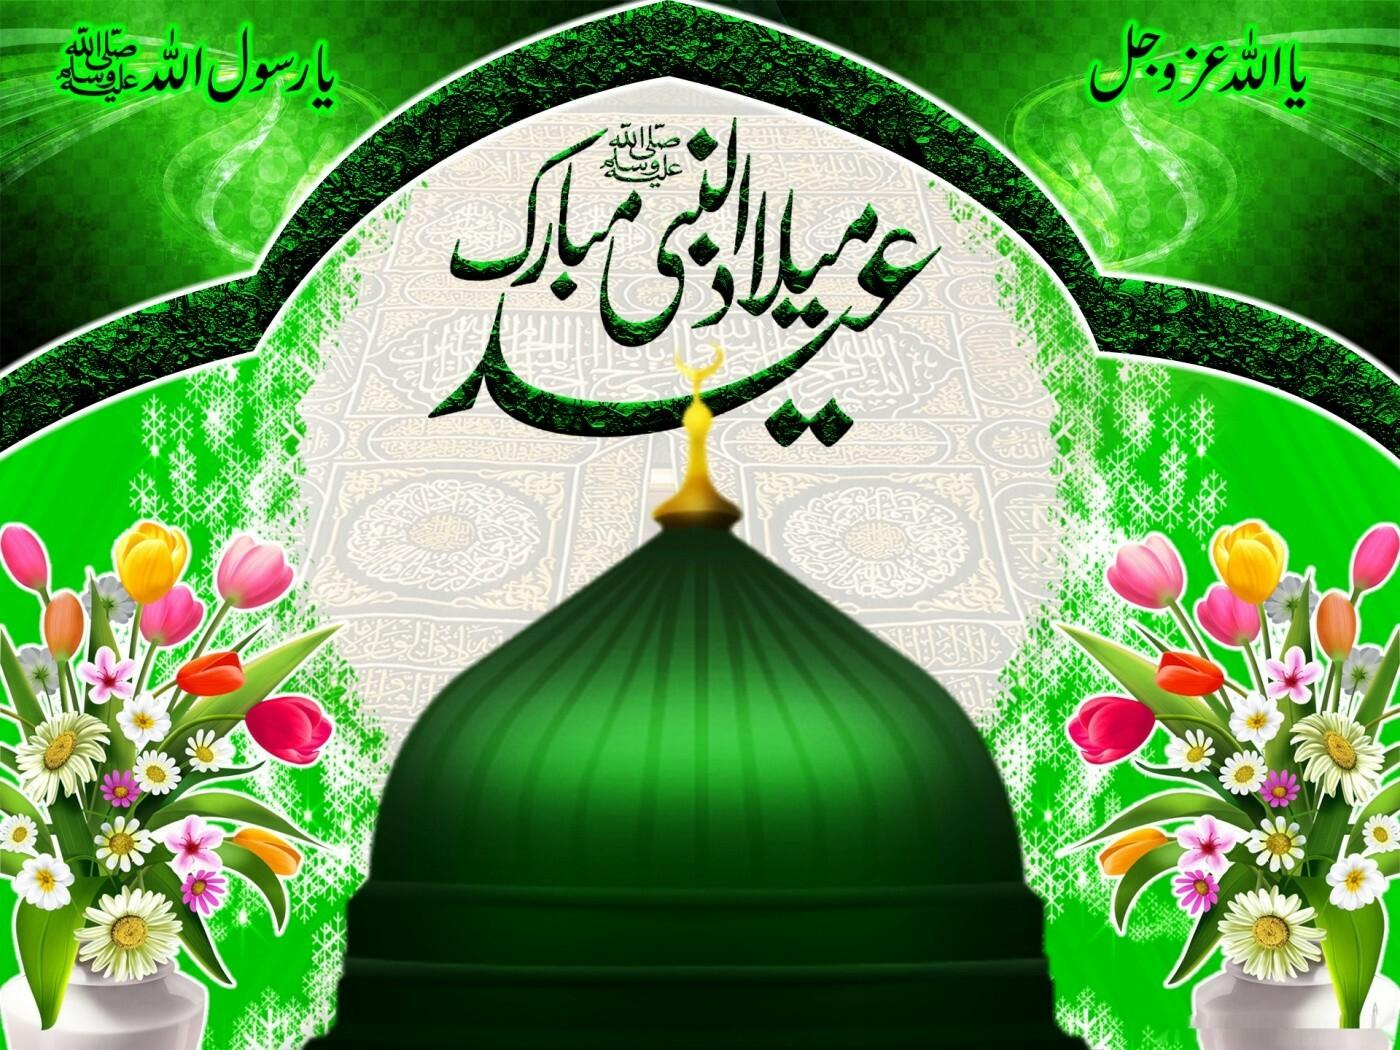 Rabi Ul Awal Mubarak Wallpapers hd islamic pics